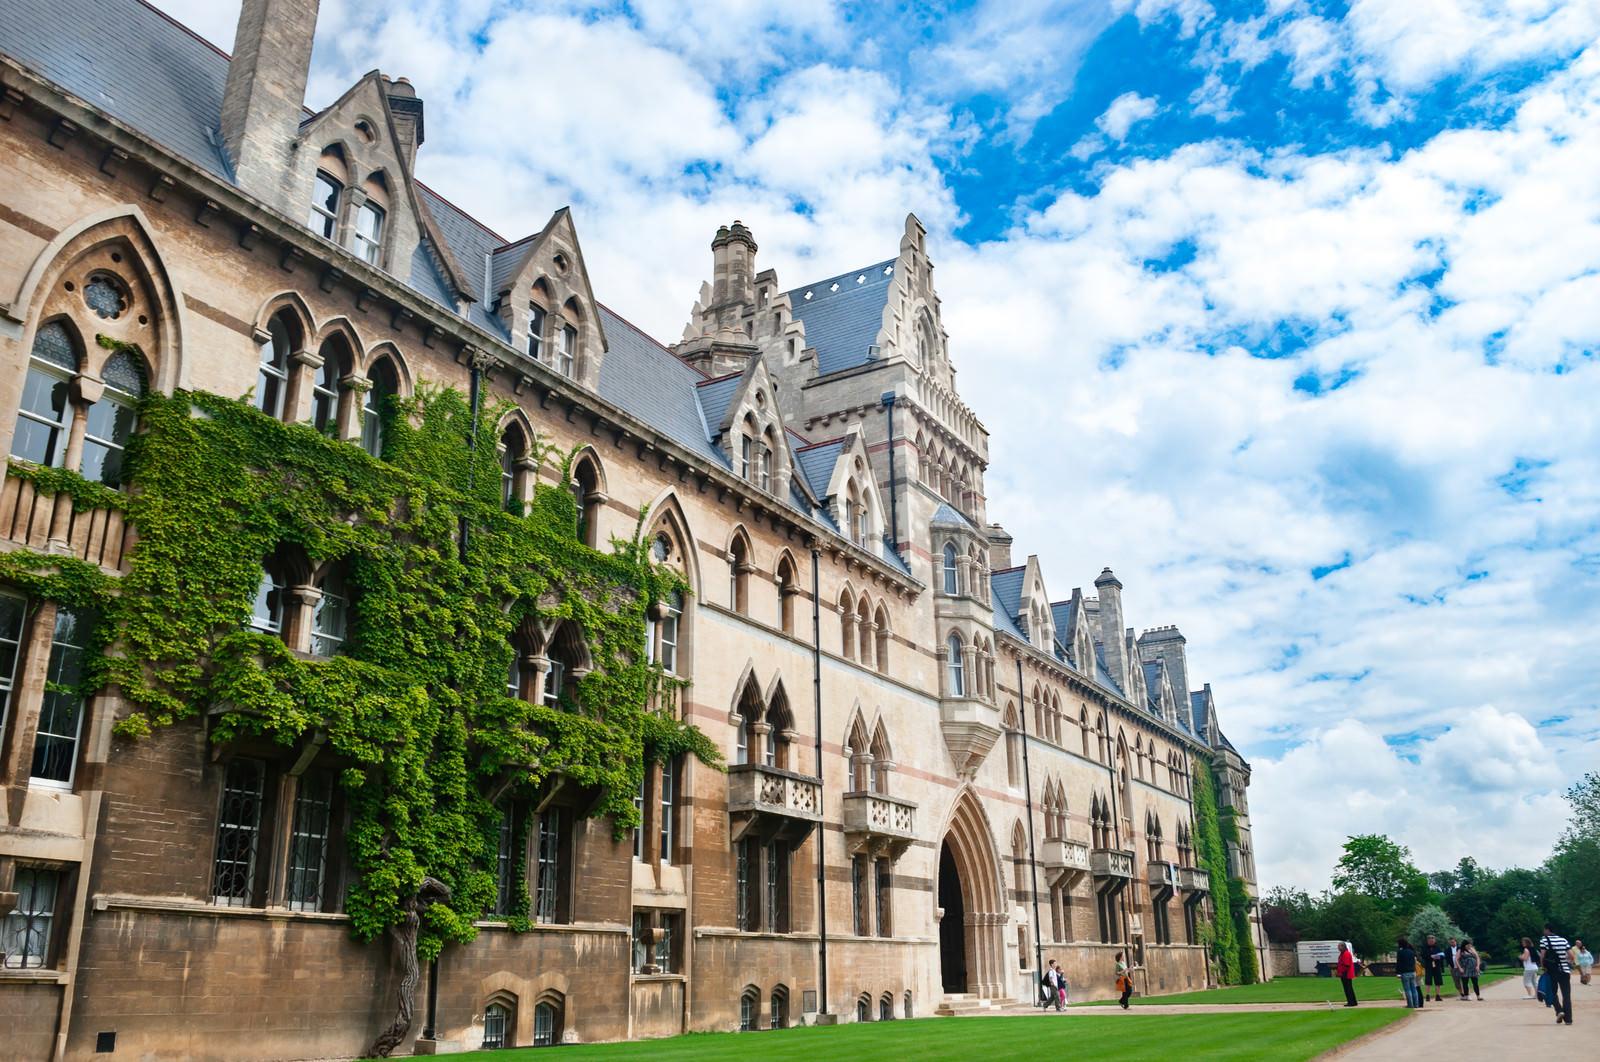 「オックスフォード・クライストチャーチの建造物」の写真